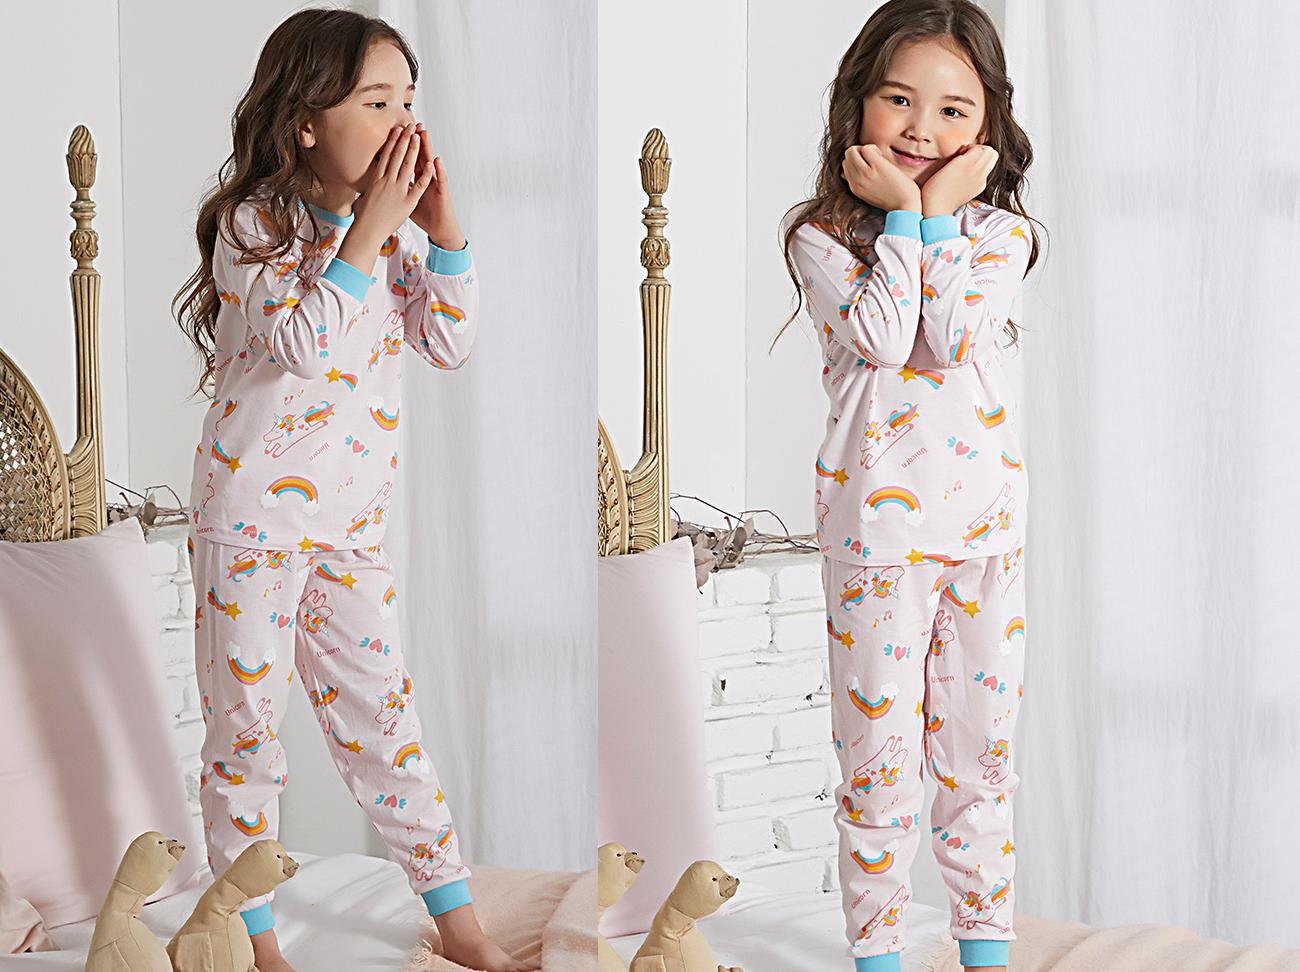 Olomimi Unicorn World Kid Pyjamas product display